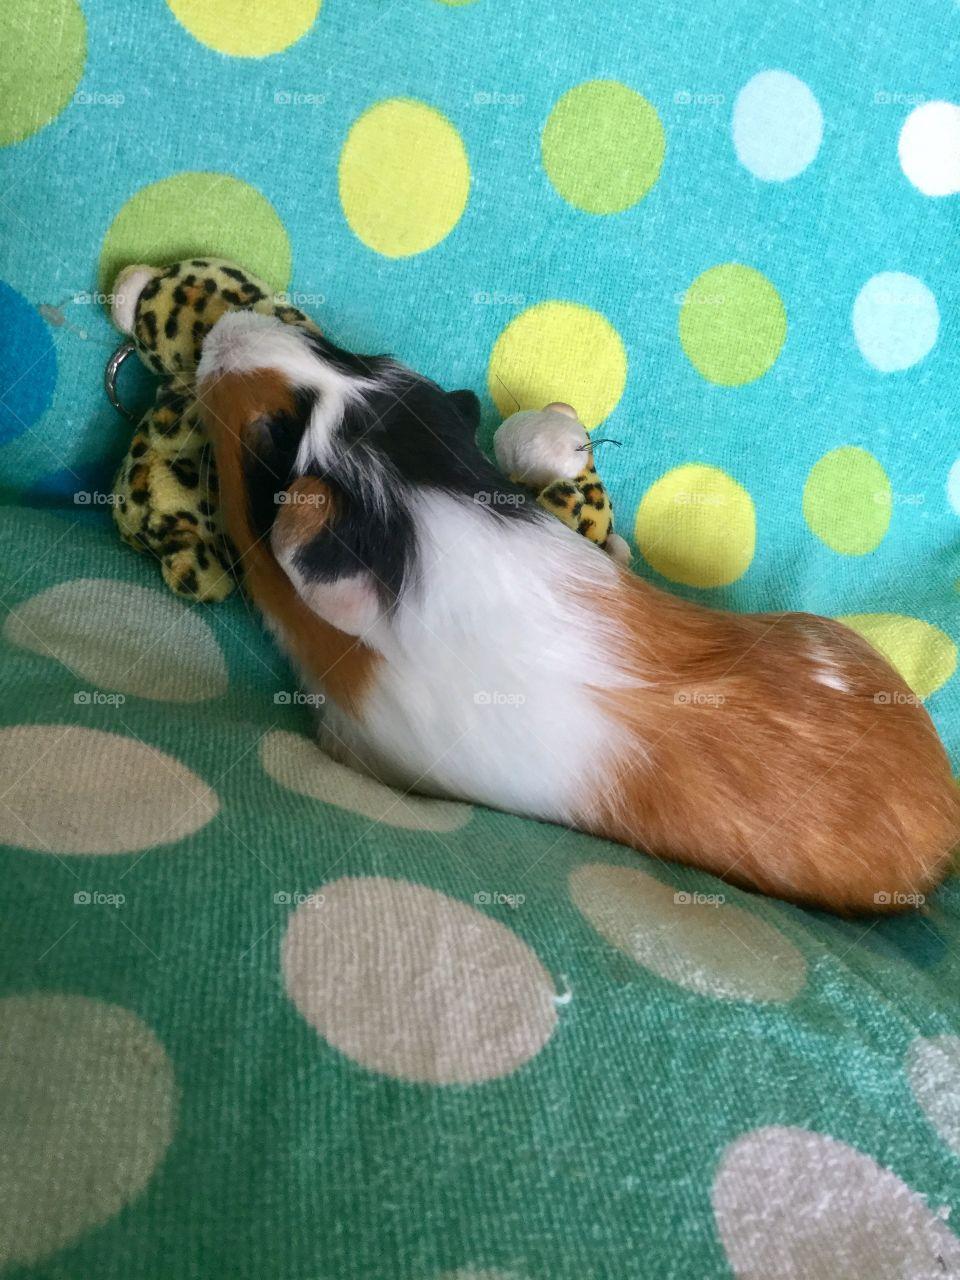 Mischievous Guinea piglet